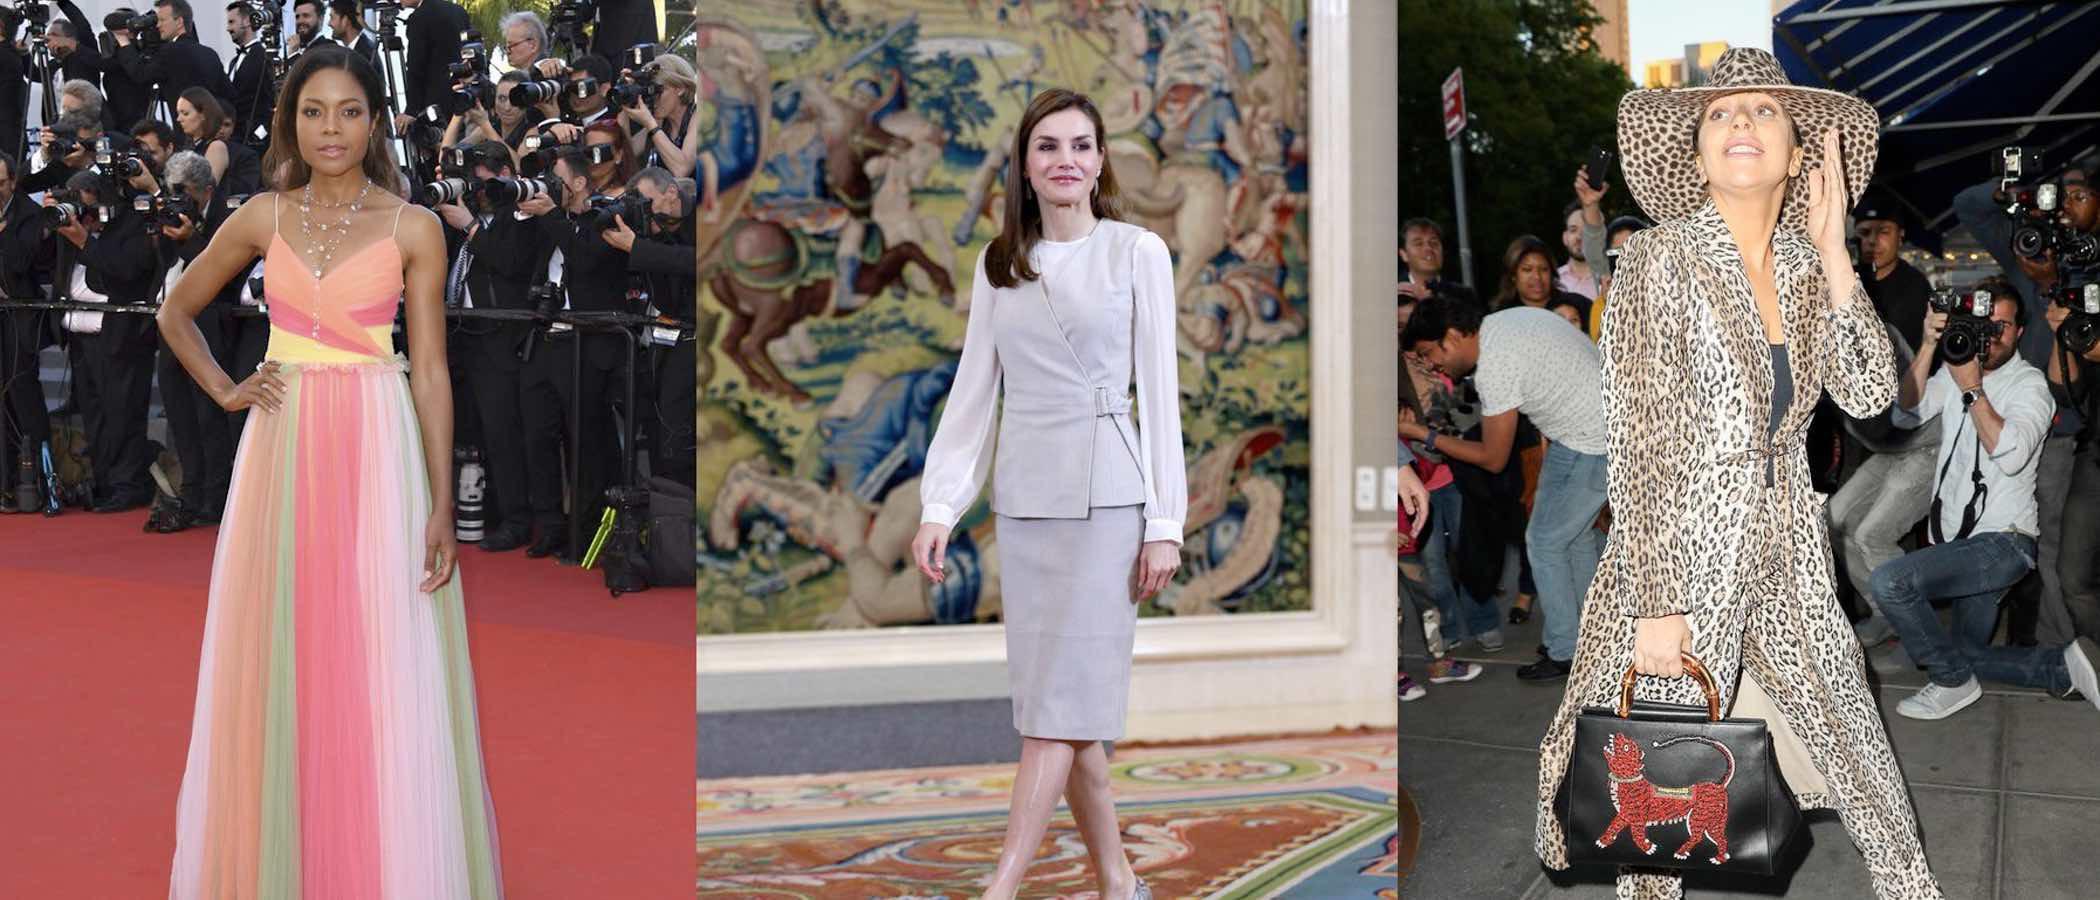 La Reina Letizia y Lady Gaga, entre las peor vestidas de la semana